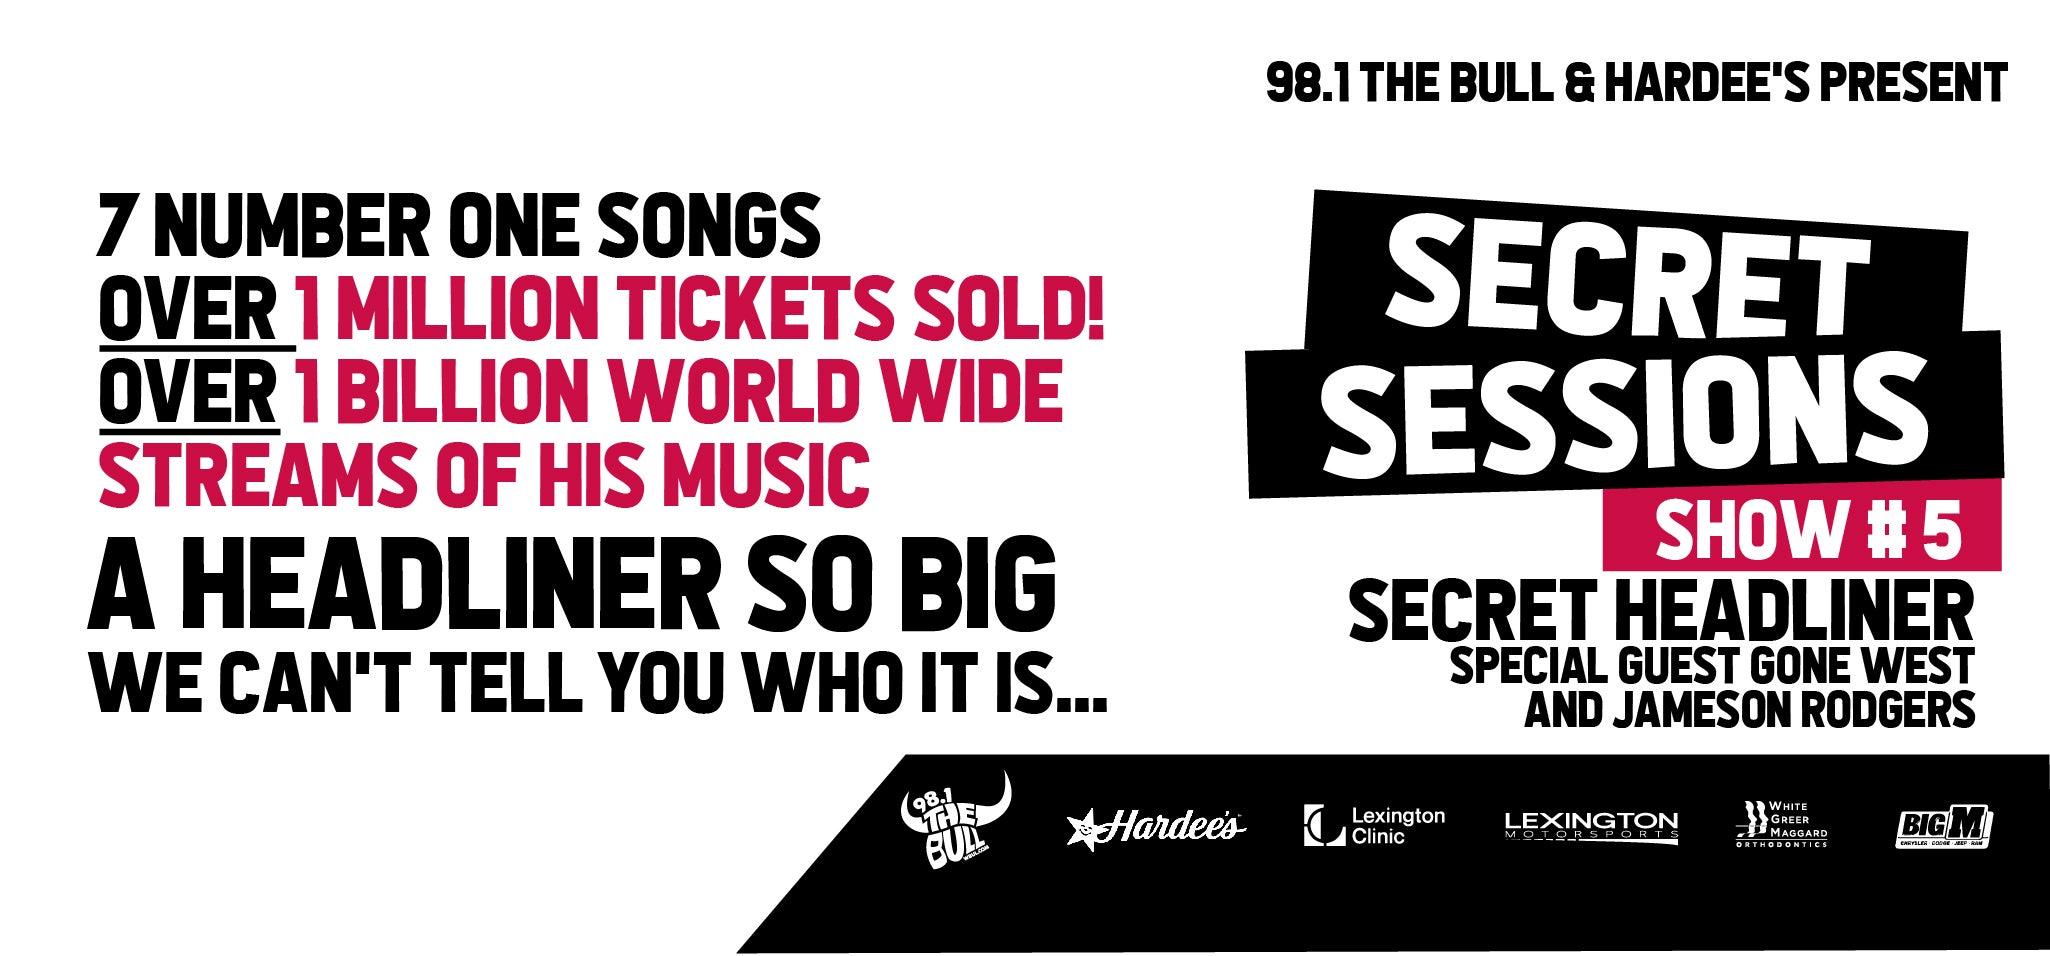 SECRET SESSIONS | SHOW #5